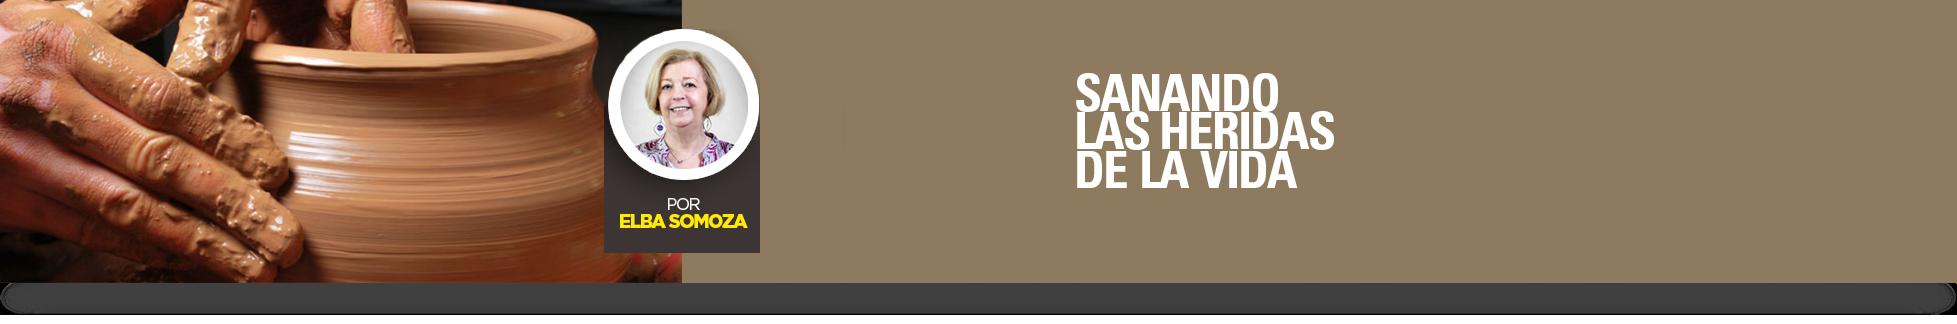 SANANDO LAS HERIDAS DE LA VIDA